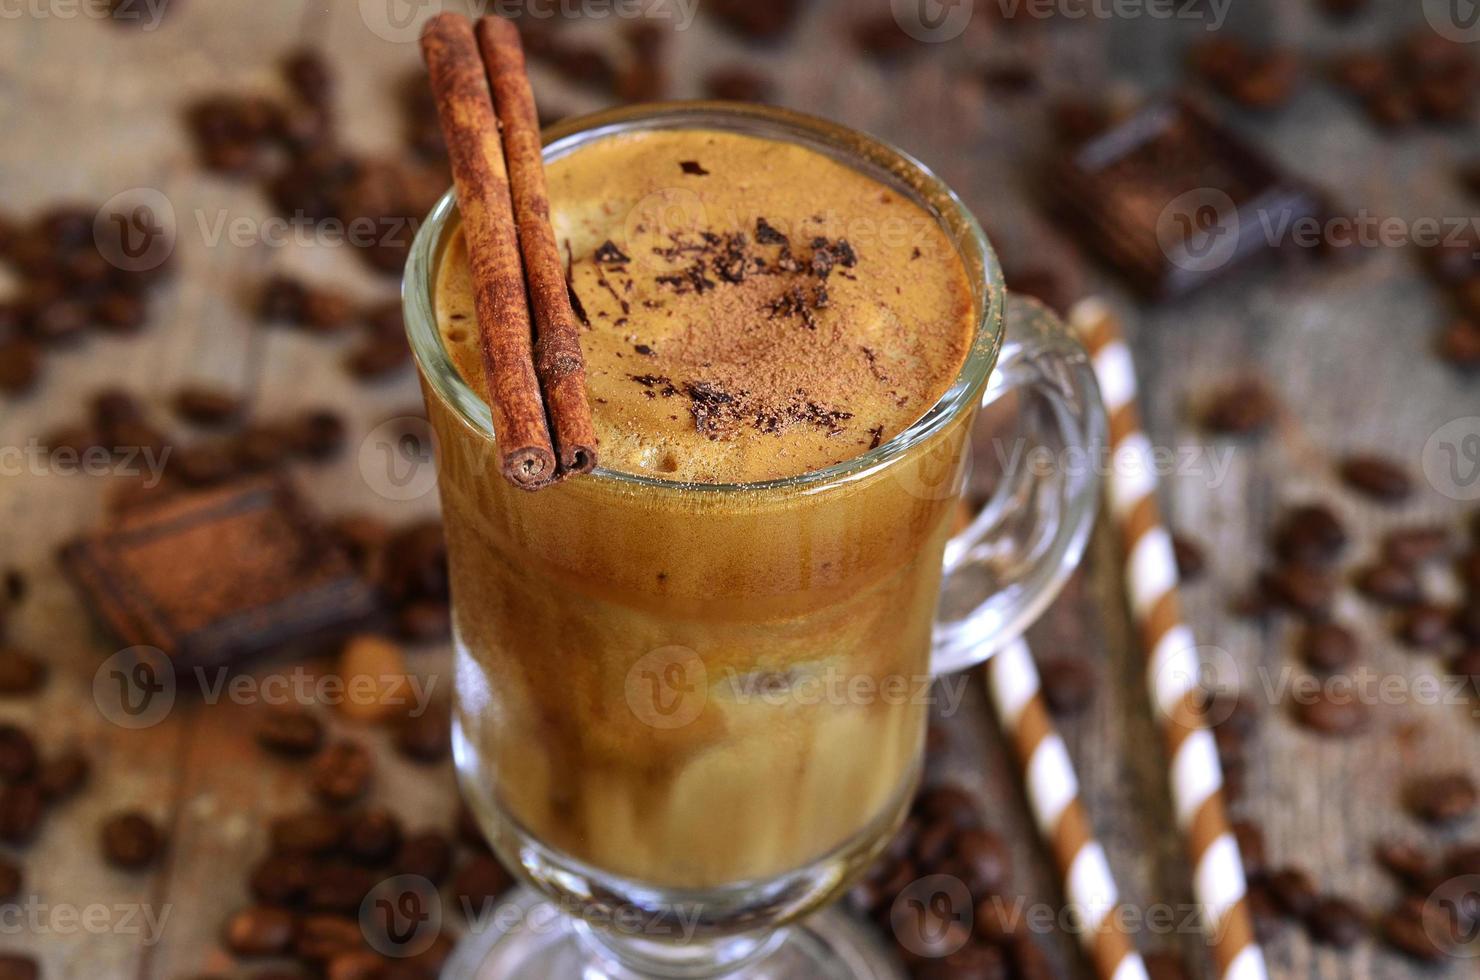 frappe de café - recette traditionnelle de la cuisine grecque. photo